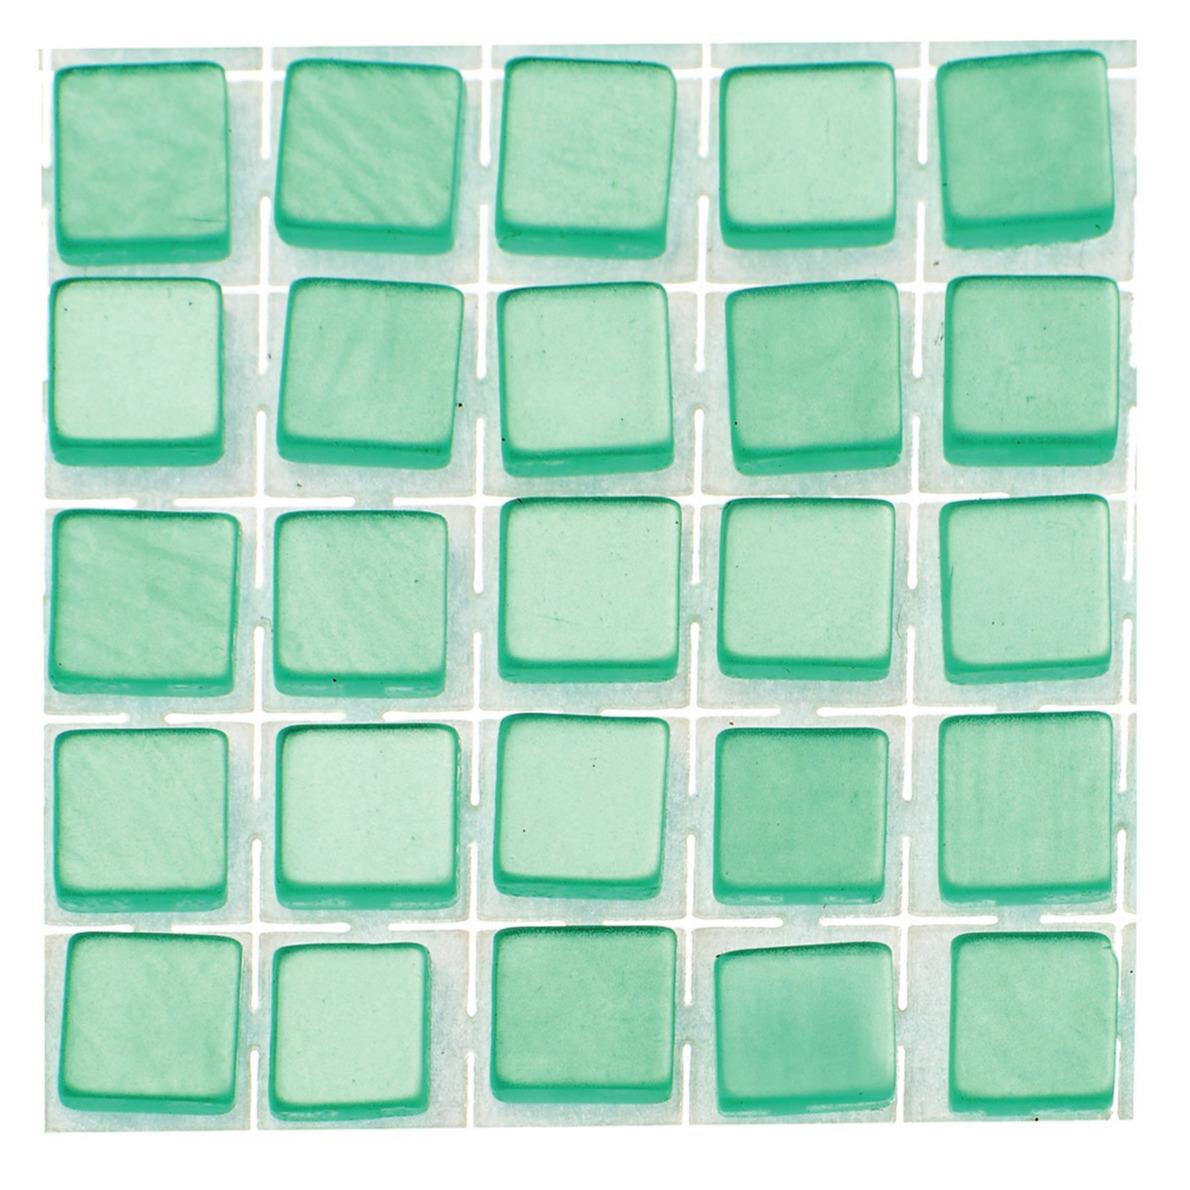 119x stuks mozaieken maken steentjes-tegels kleur turquoise 5 x 5 x 2 mm